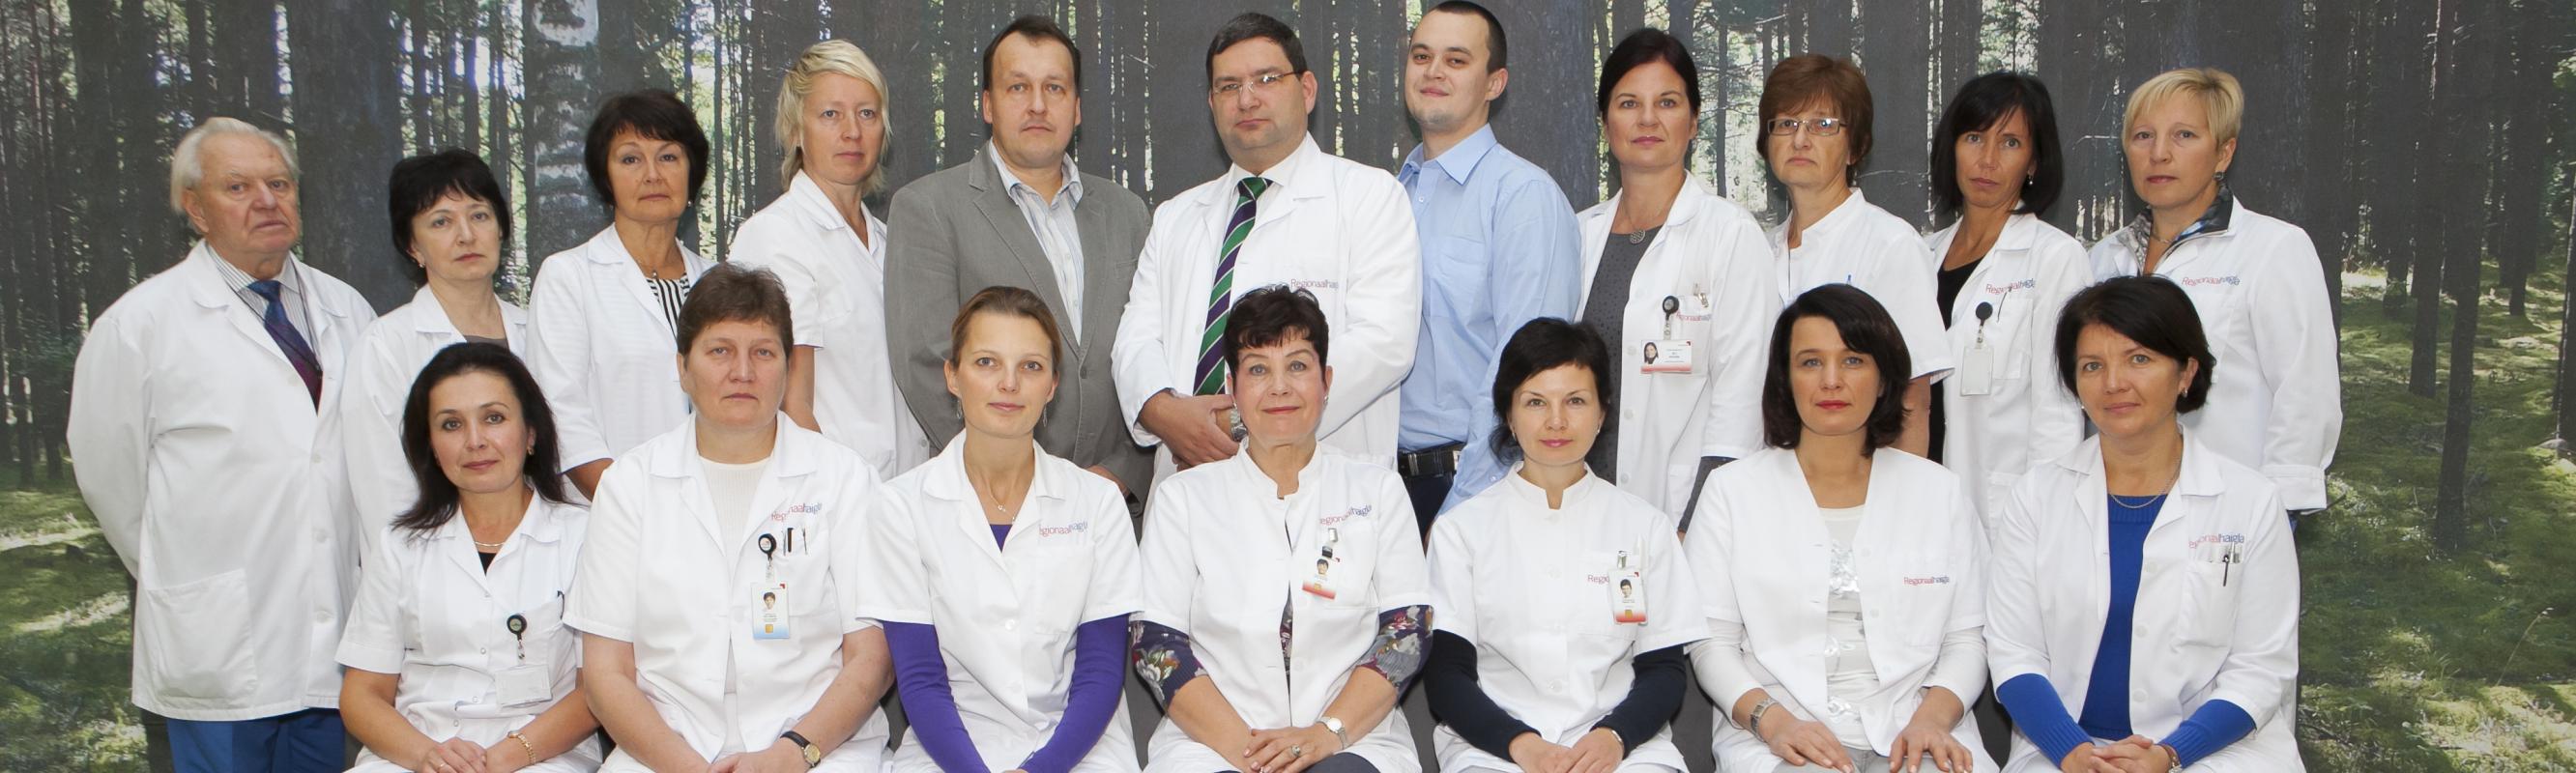 Hematoloogia töörühm